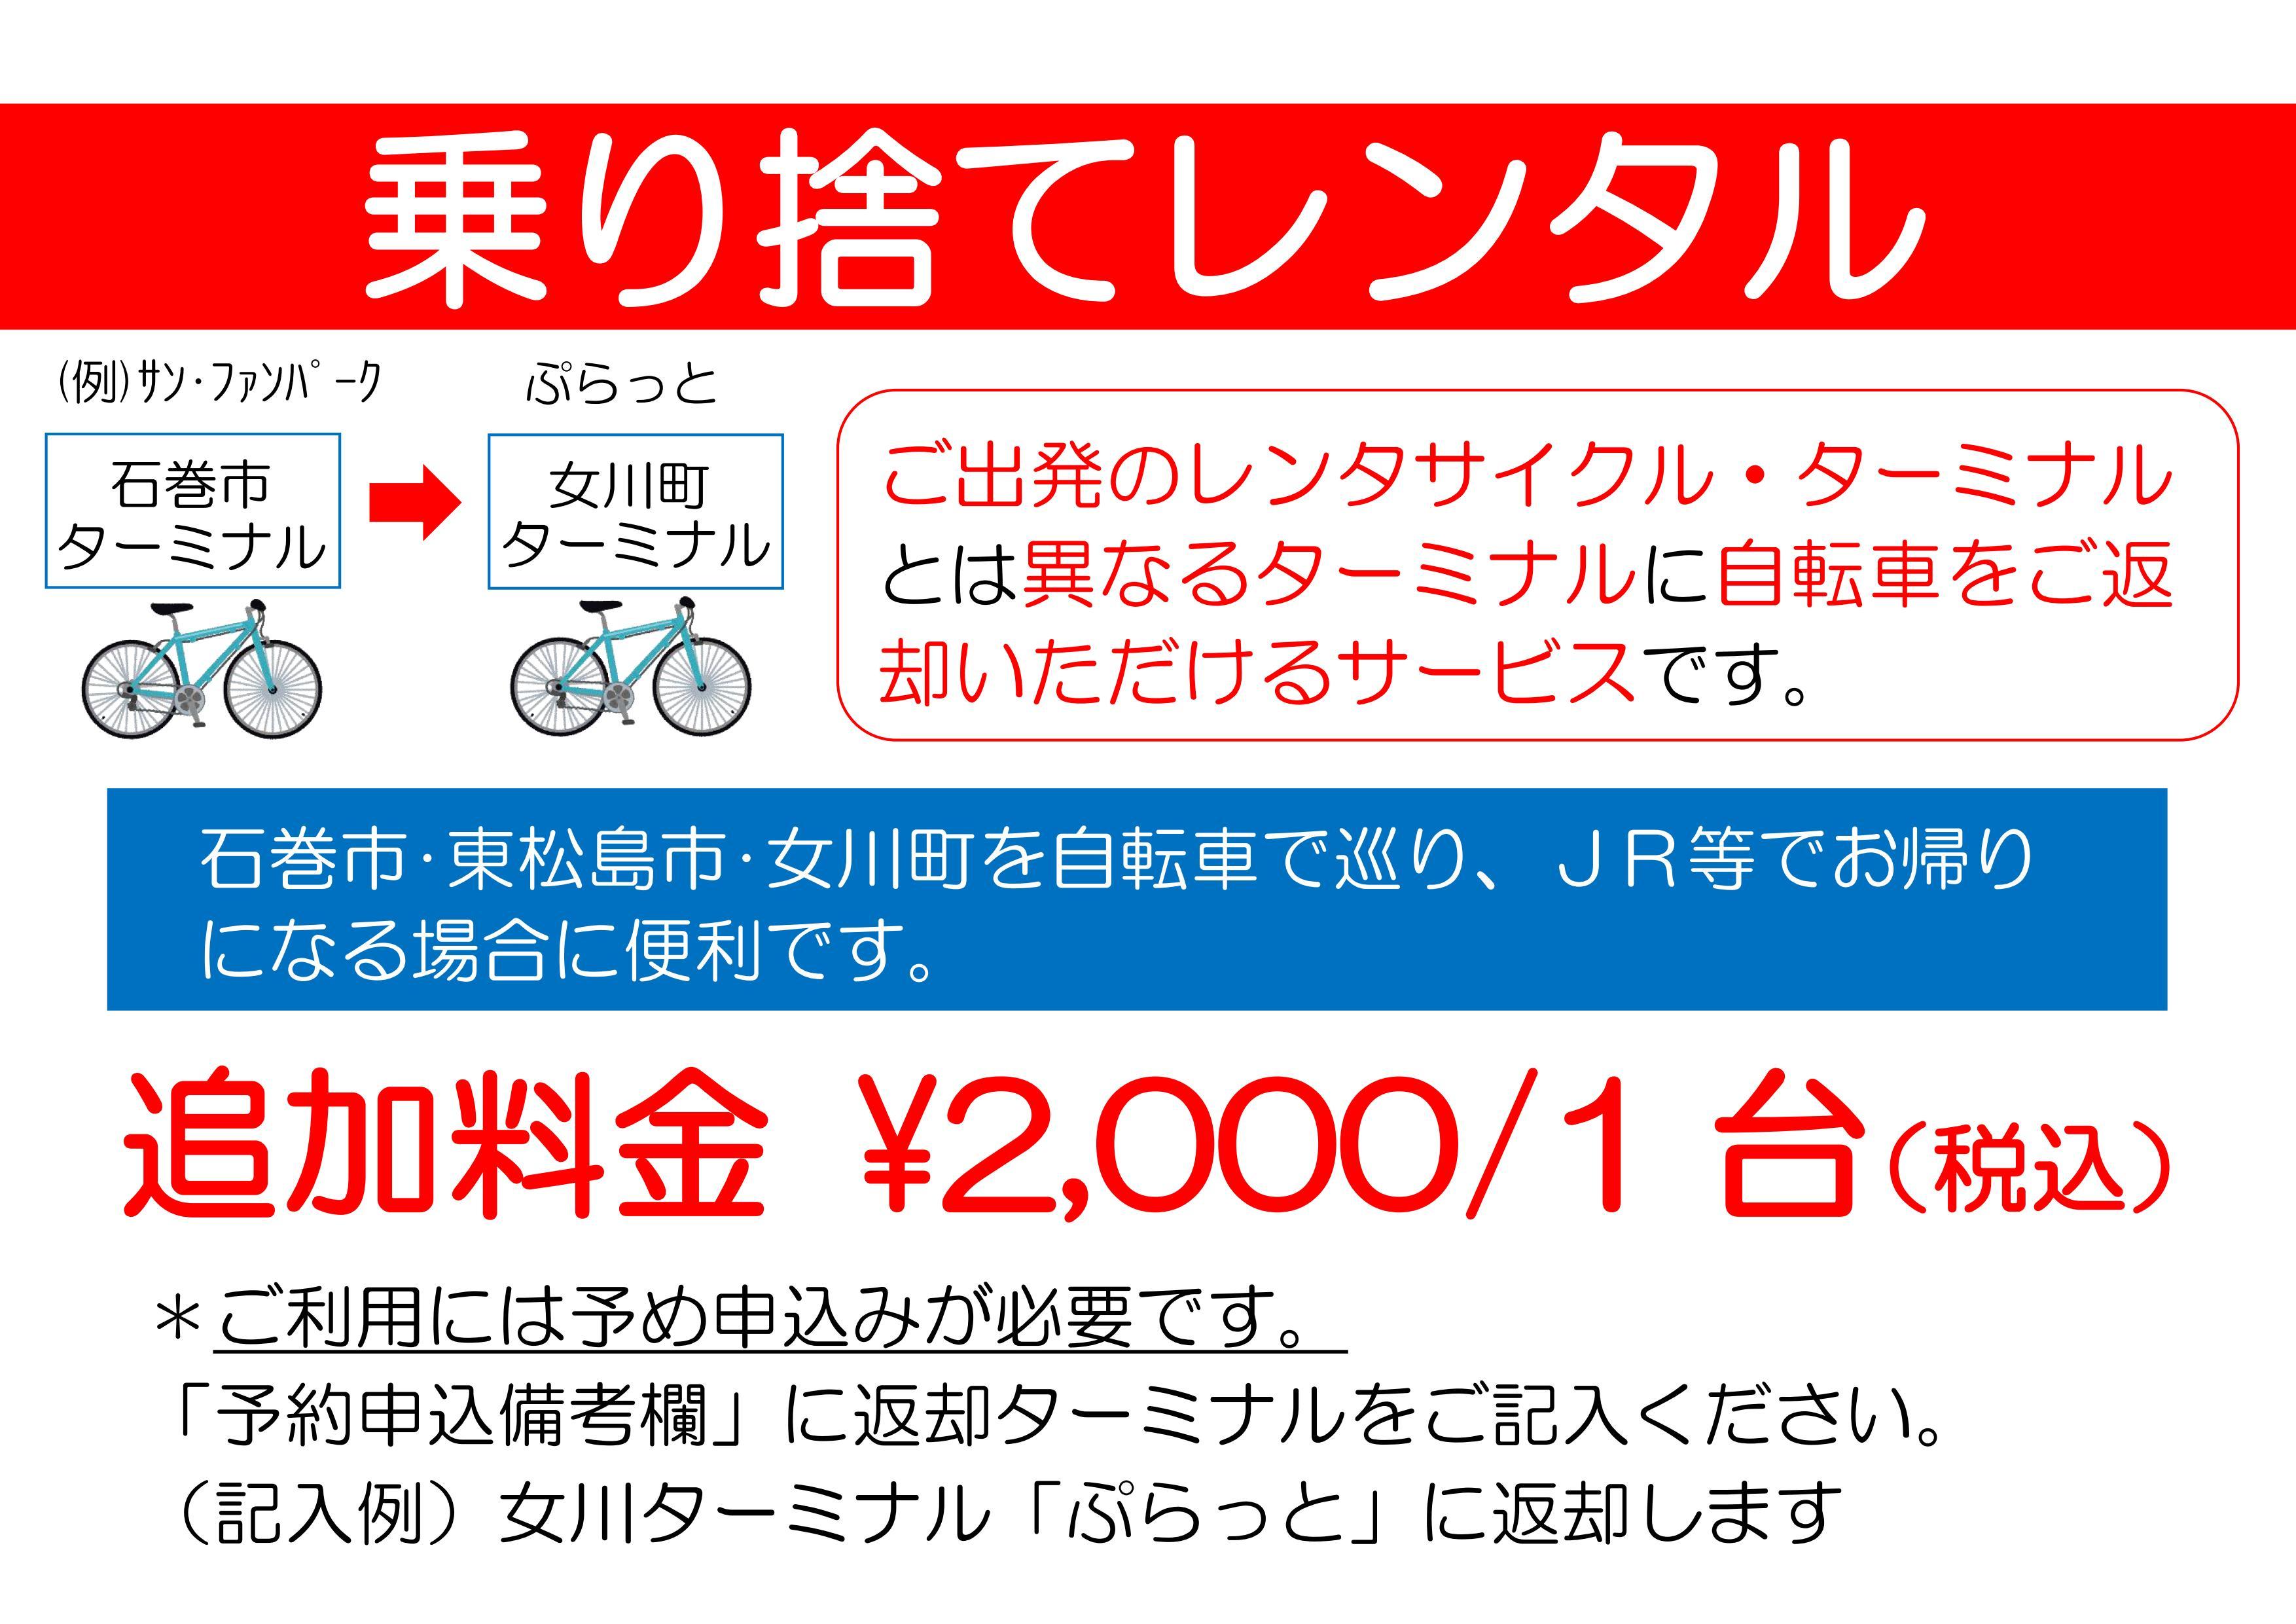 【石巻市】石巻市かわまち交流センター 一般Mタイプ 1日2台限定【コース番号:80302】